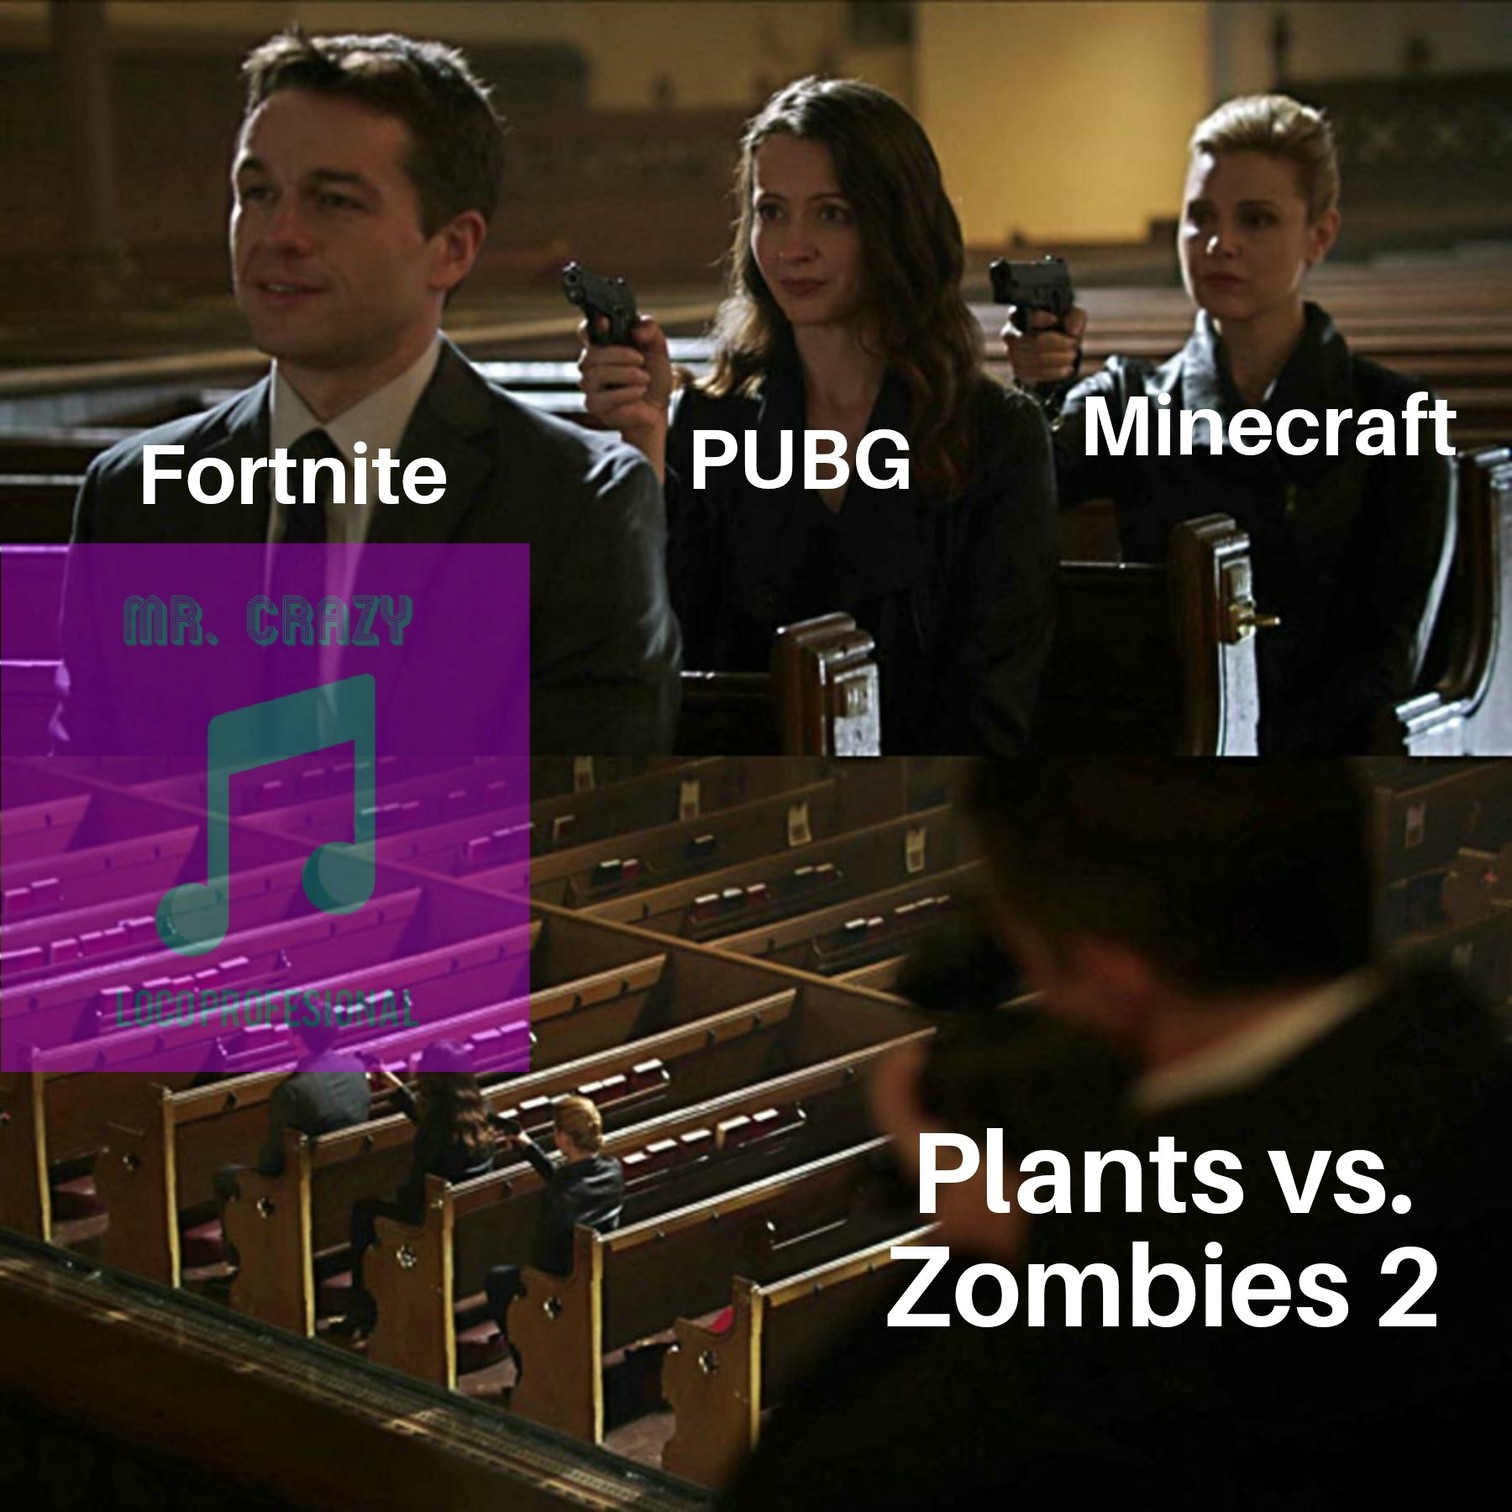 Ese sí va a ser un juegazo - meme